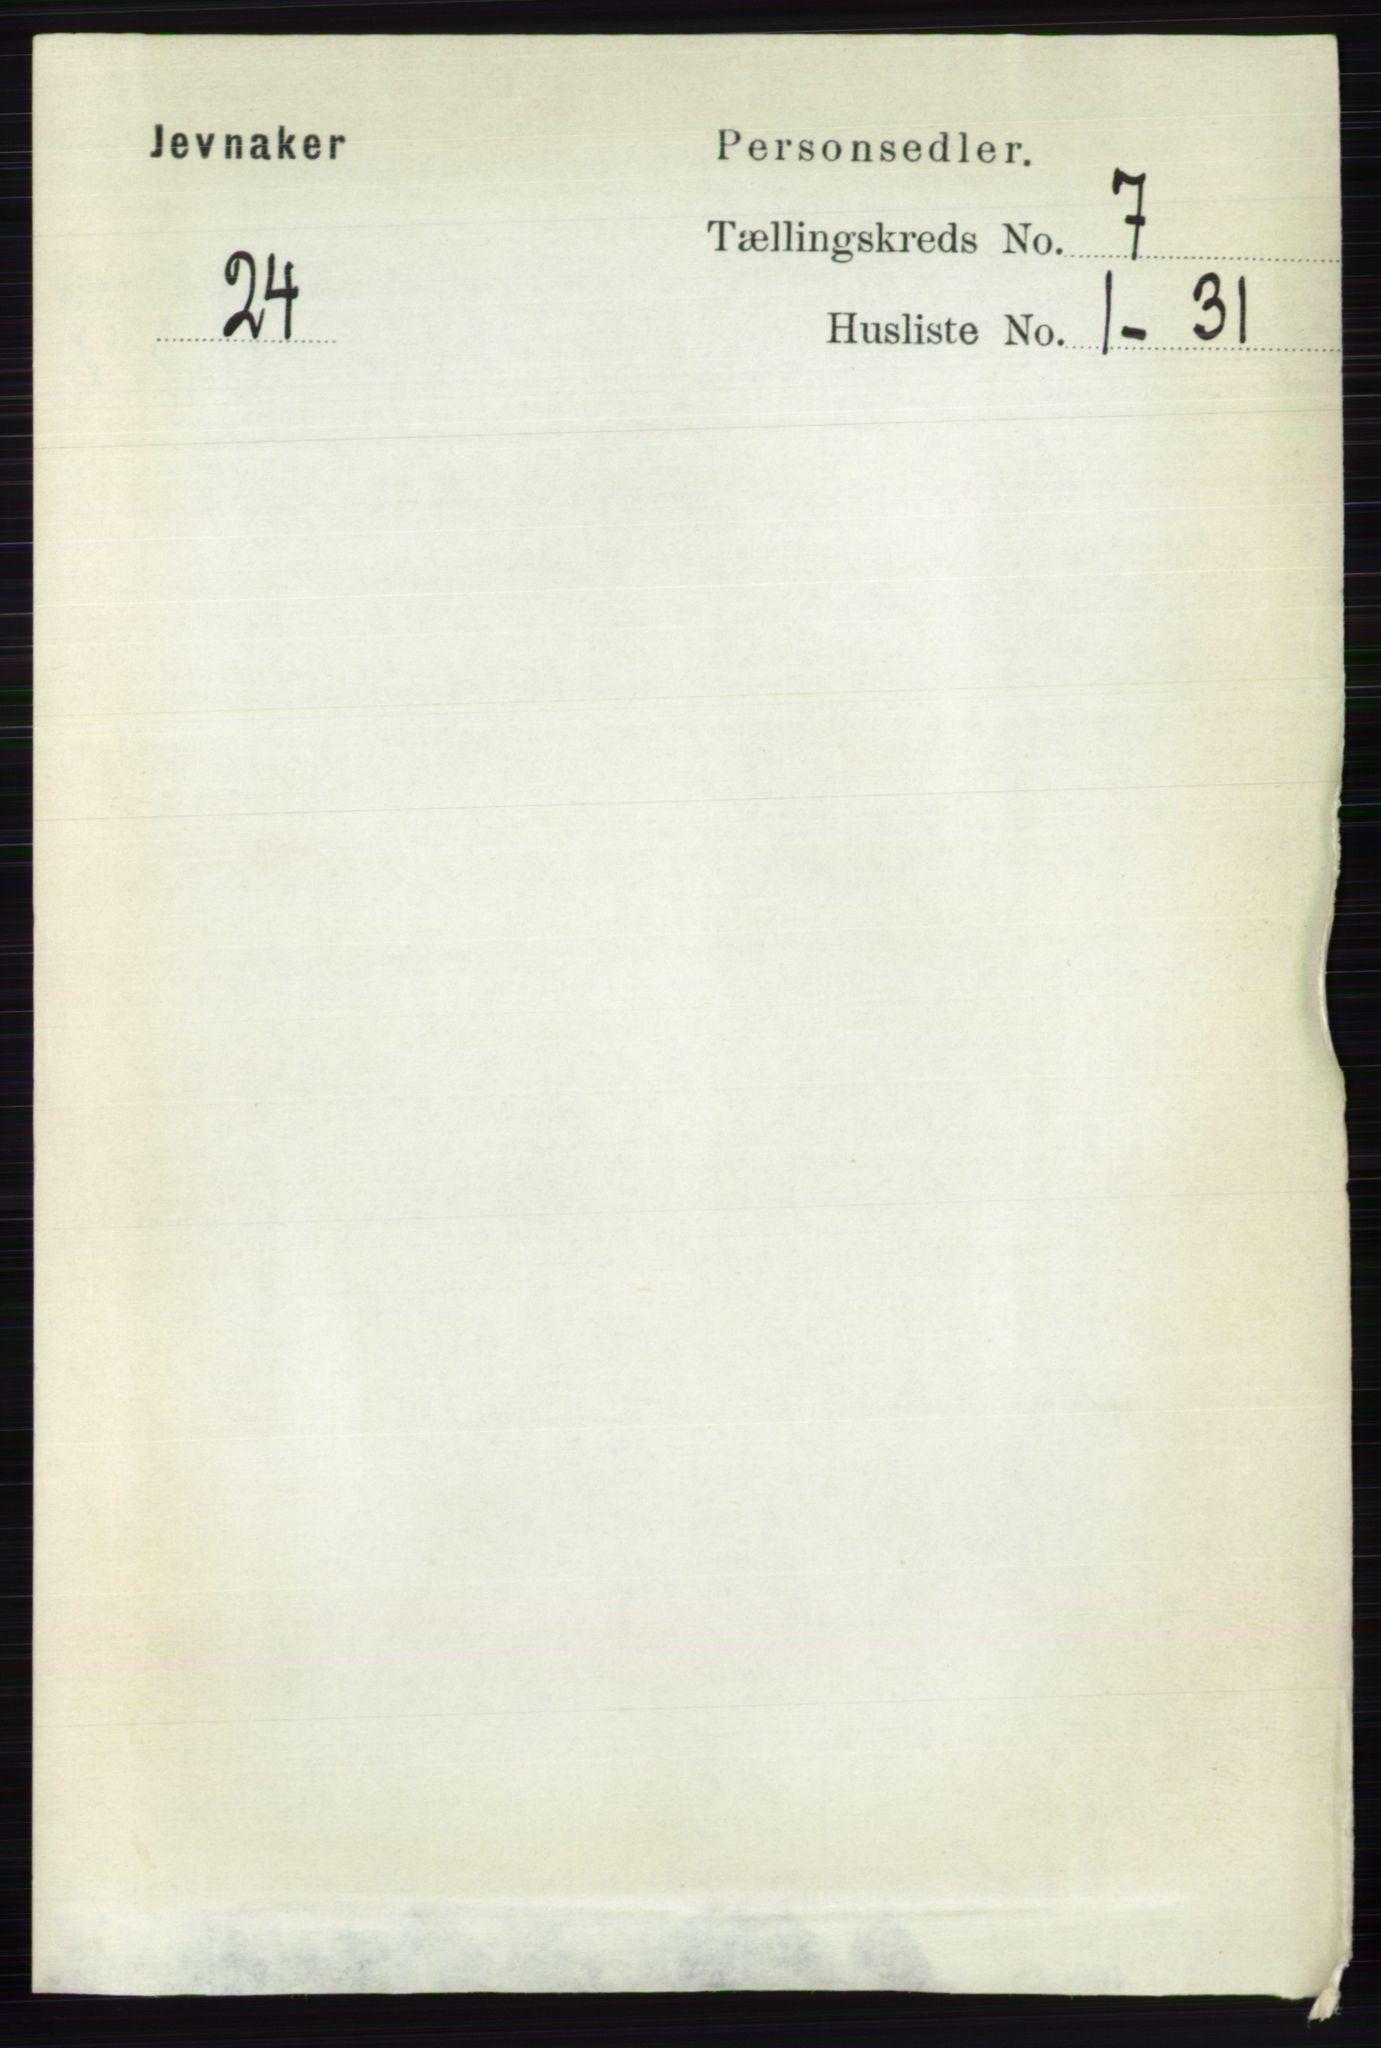 RA, Folketelling 1891 for 0532 Jevnaker herred, 1891, s. 3734